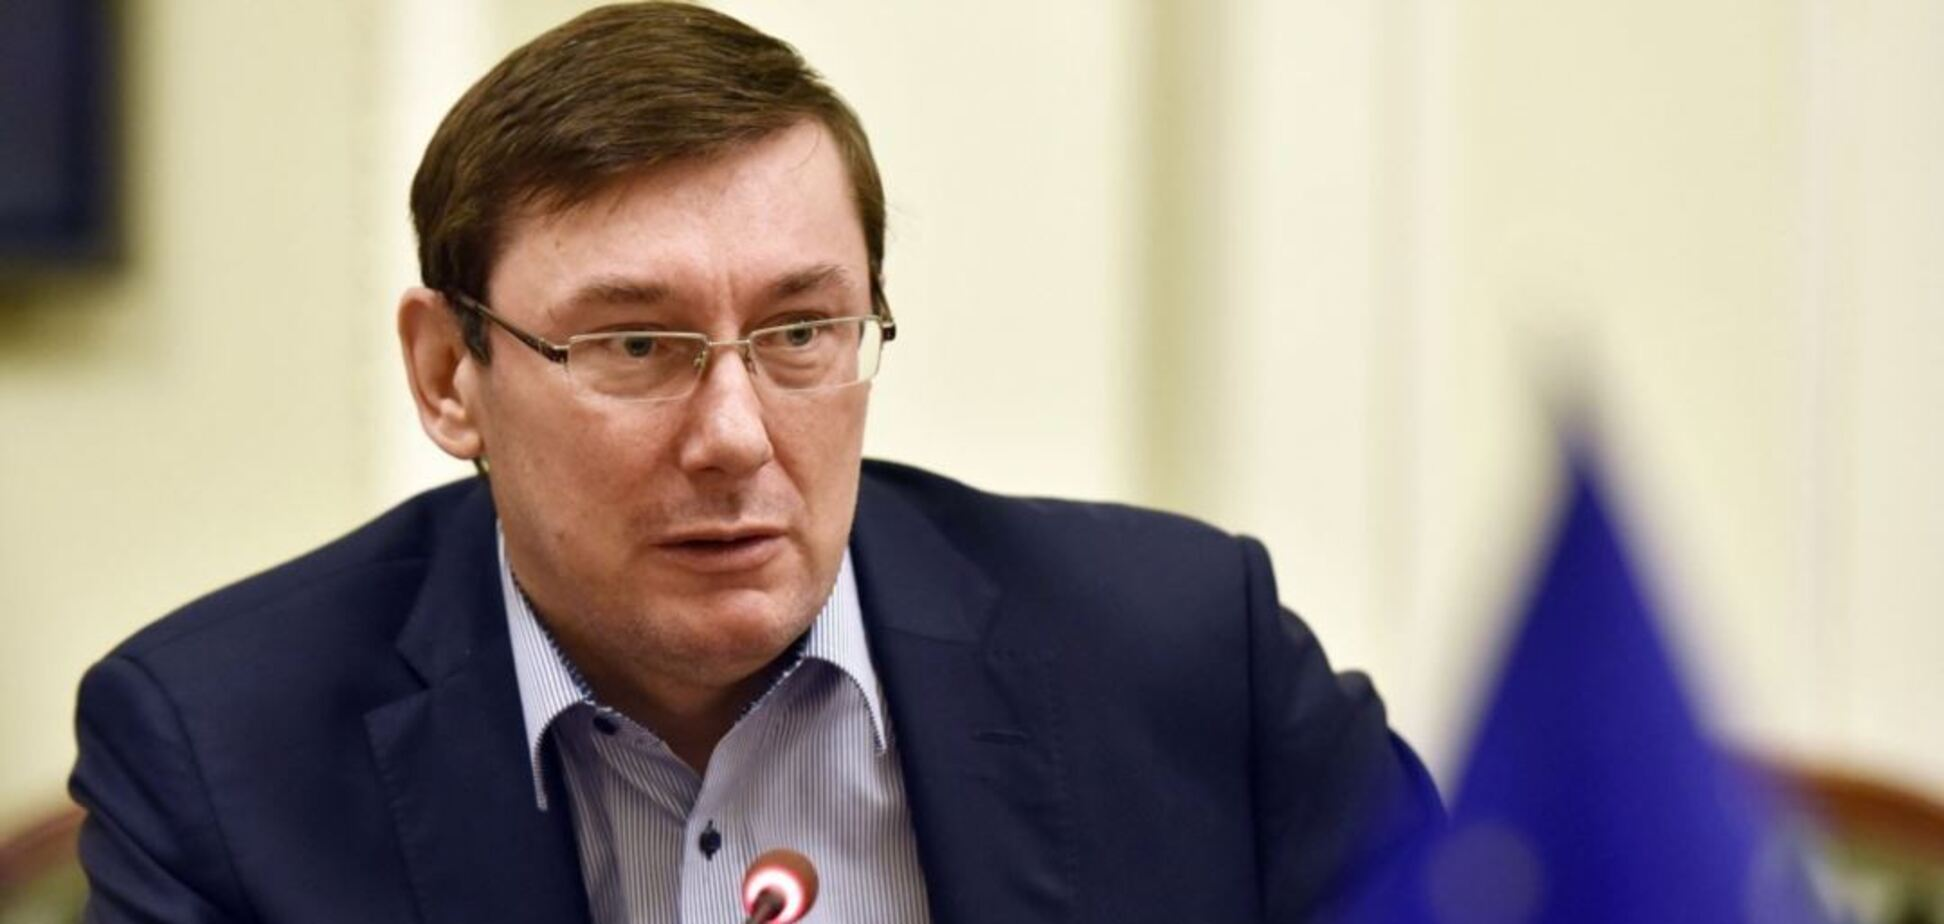 Луценко заявил, что скандальным записям судьи Вовка уже 2 года